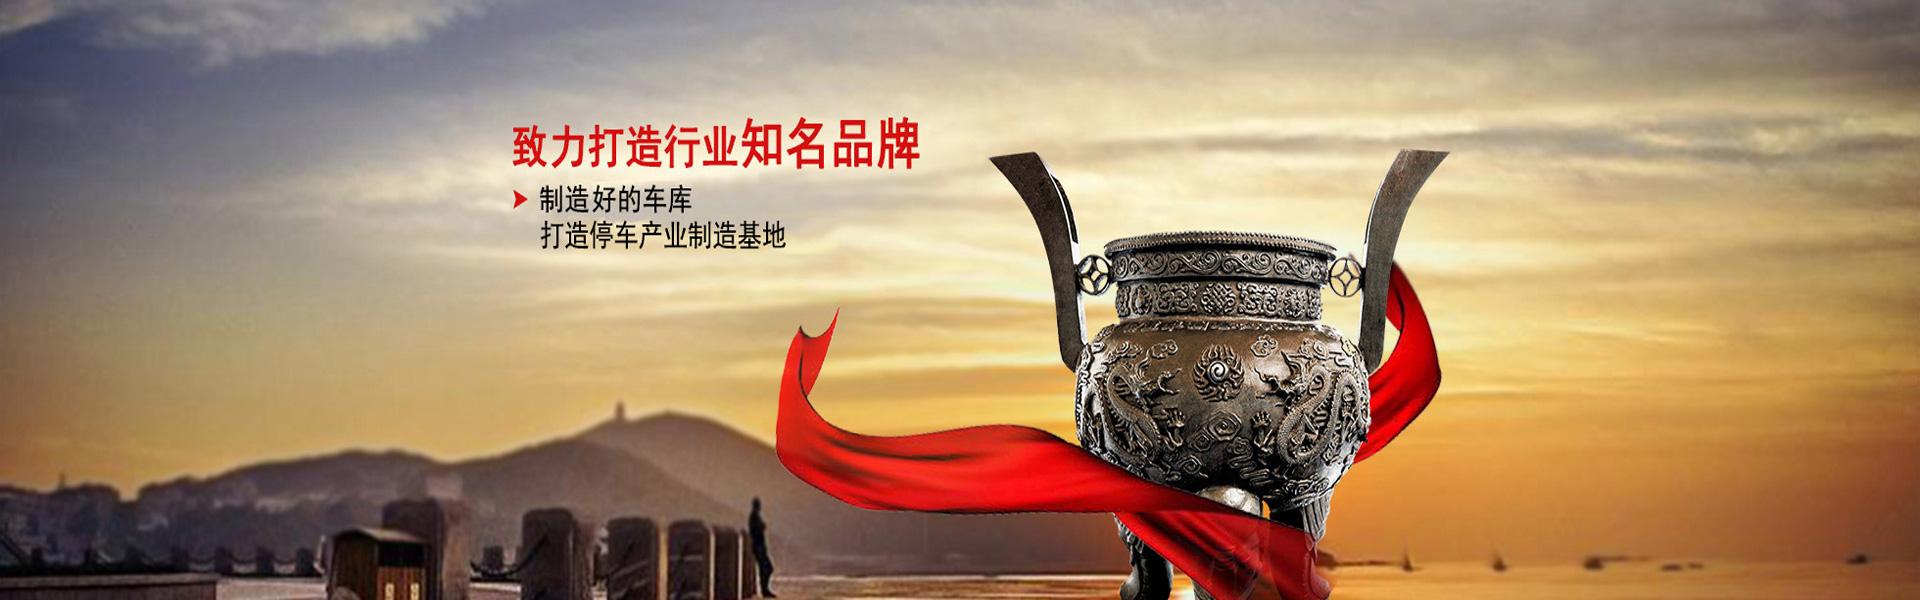 合肥翔瑞车库自动化设备有限公司-banner